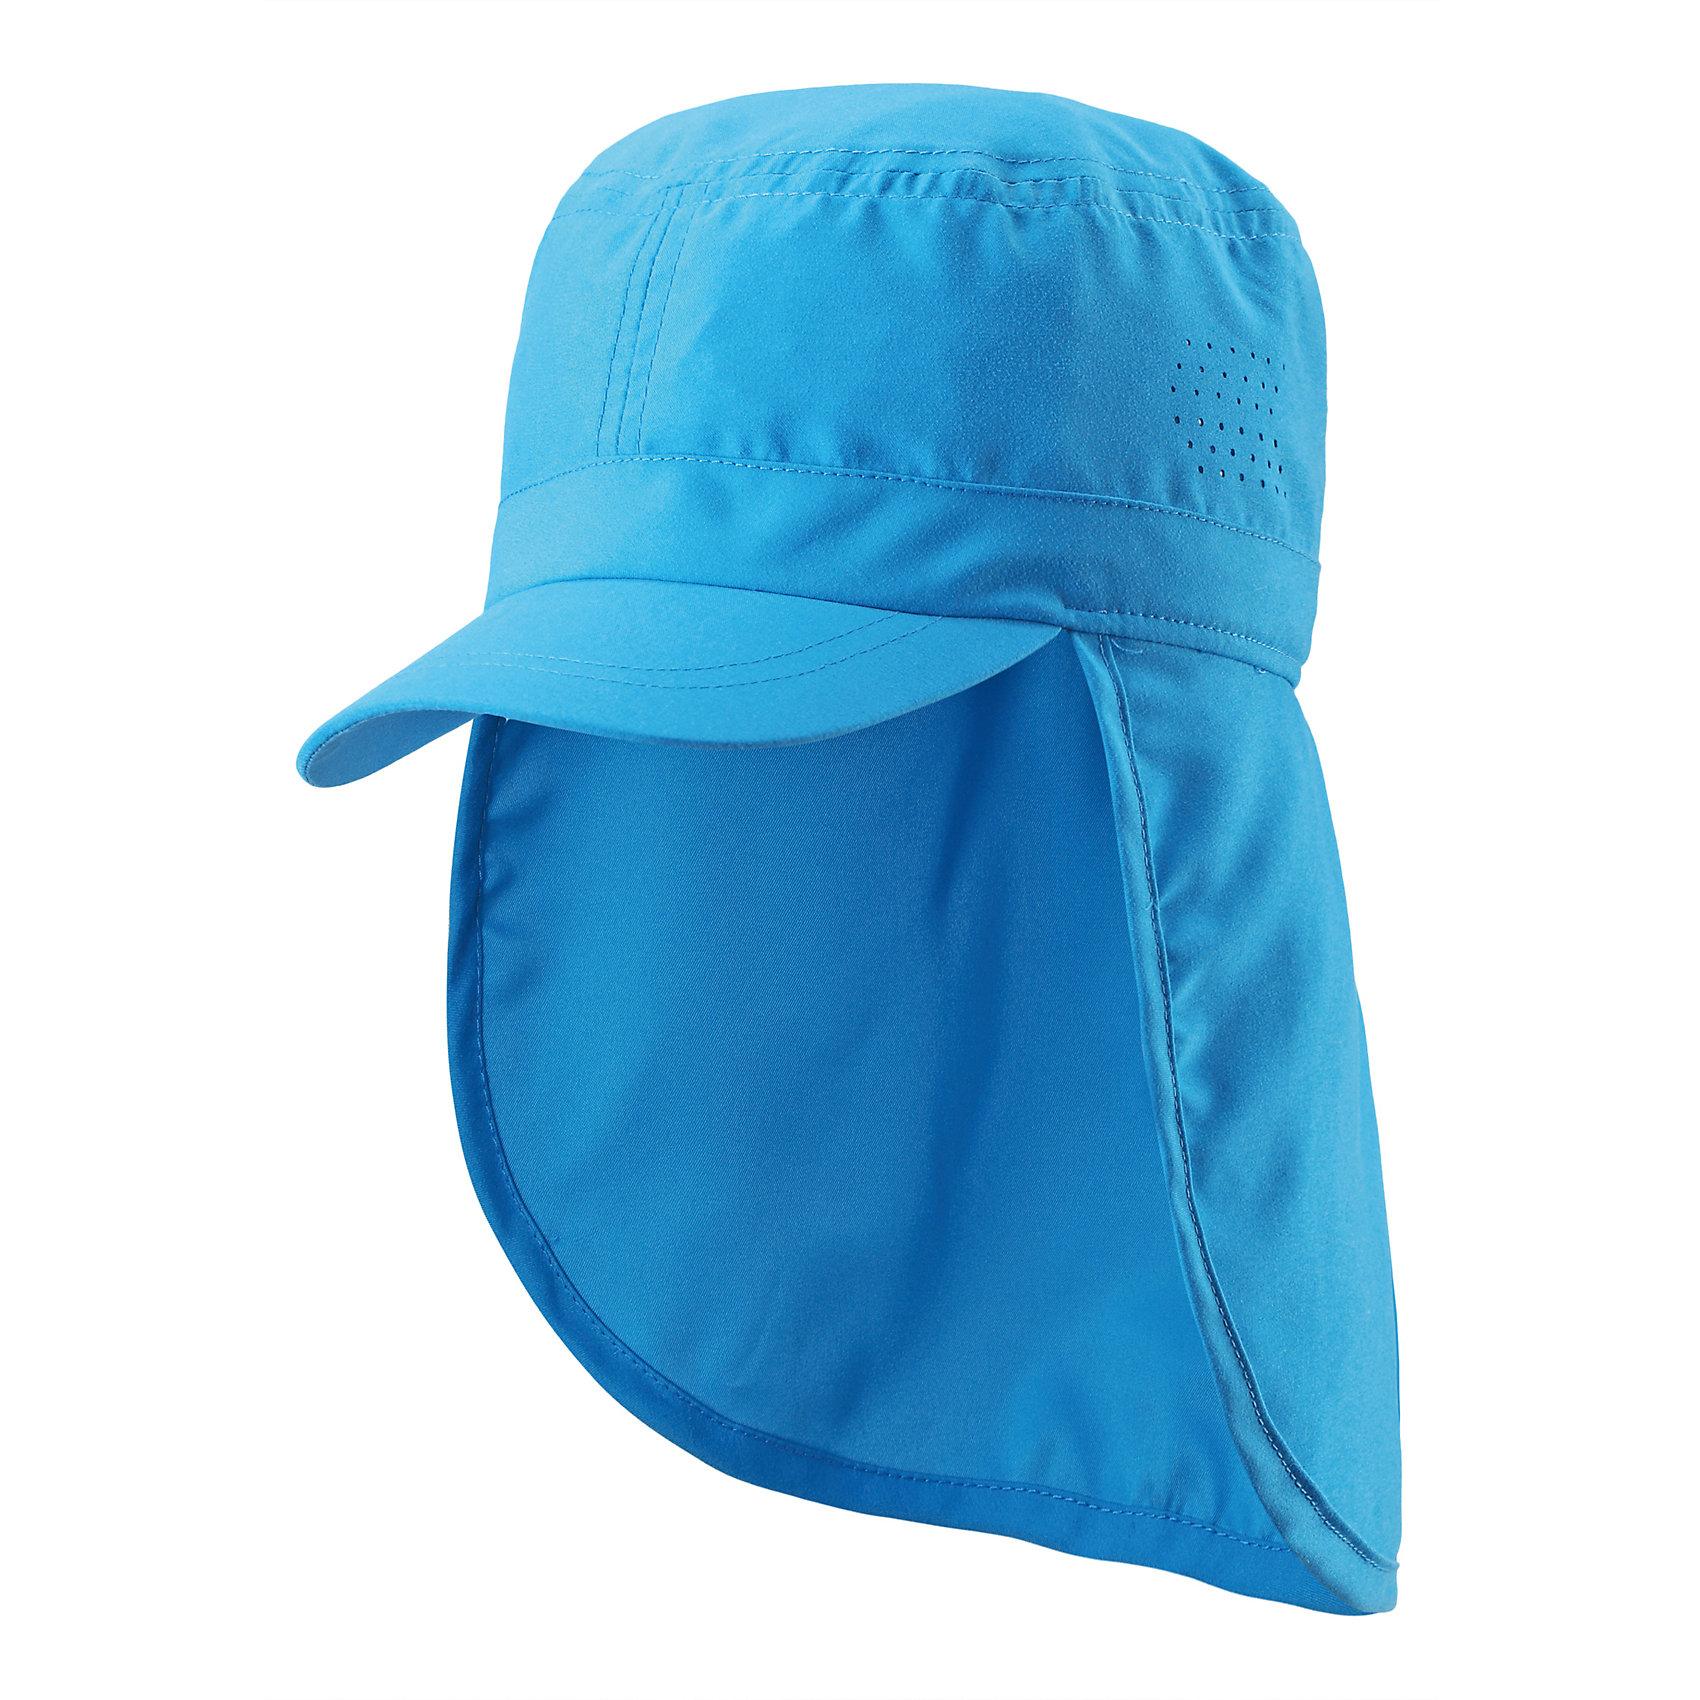 Кепка для мальчика ReimaА давайте отправимся на солнечное сафари! Защитите шею и лицо с помощью классической шляпы из материала SunProof. Защитный головной убор для малышей и детей постарше разработан для разнообразнейших игр на солнце. Сделанная из водо- и грязеотталкивающего материала SunProof с УФ-фильтром 50+, шляпа обеспечивает эффективную защиту от вредных солнечных лучей.<br><br>Дополнительная информация:<br><br>Солнцезащитная панама для детей и малышей<br>Фактор защиты от ультрафиолета 50+<br>Удлинненый край изделия защищает шею<br>Боковые отверстия для вентиляции<br>Состав:<br>100% ПЭ<br>Уход:<br>Стирать по отдельности. Полоскать без специального средства. Сушить при низкой температуре.<br><br>Ширина мм: 195<br>Глубина мм: 172<br>Высота мм: 104<br>Вес г: 72<br>Цвет: синий<br>Возраст от месяцев: 72<br>Возраст до месяцев: 1188<br>Пол: Унисекс<br>Возраст: Детский<br>Размер: 54,56,50,52,48<br>SKU: 4498805